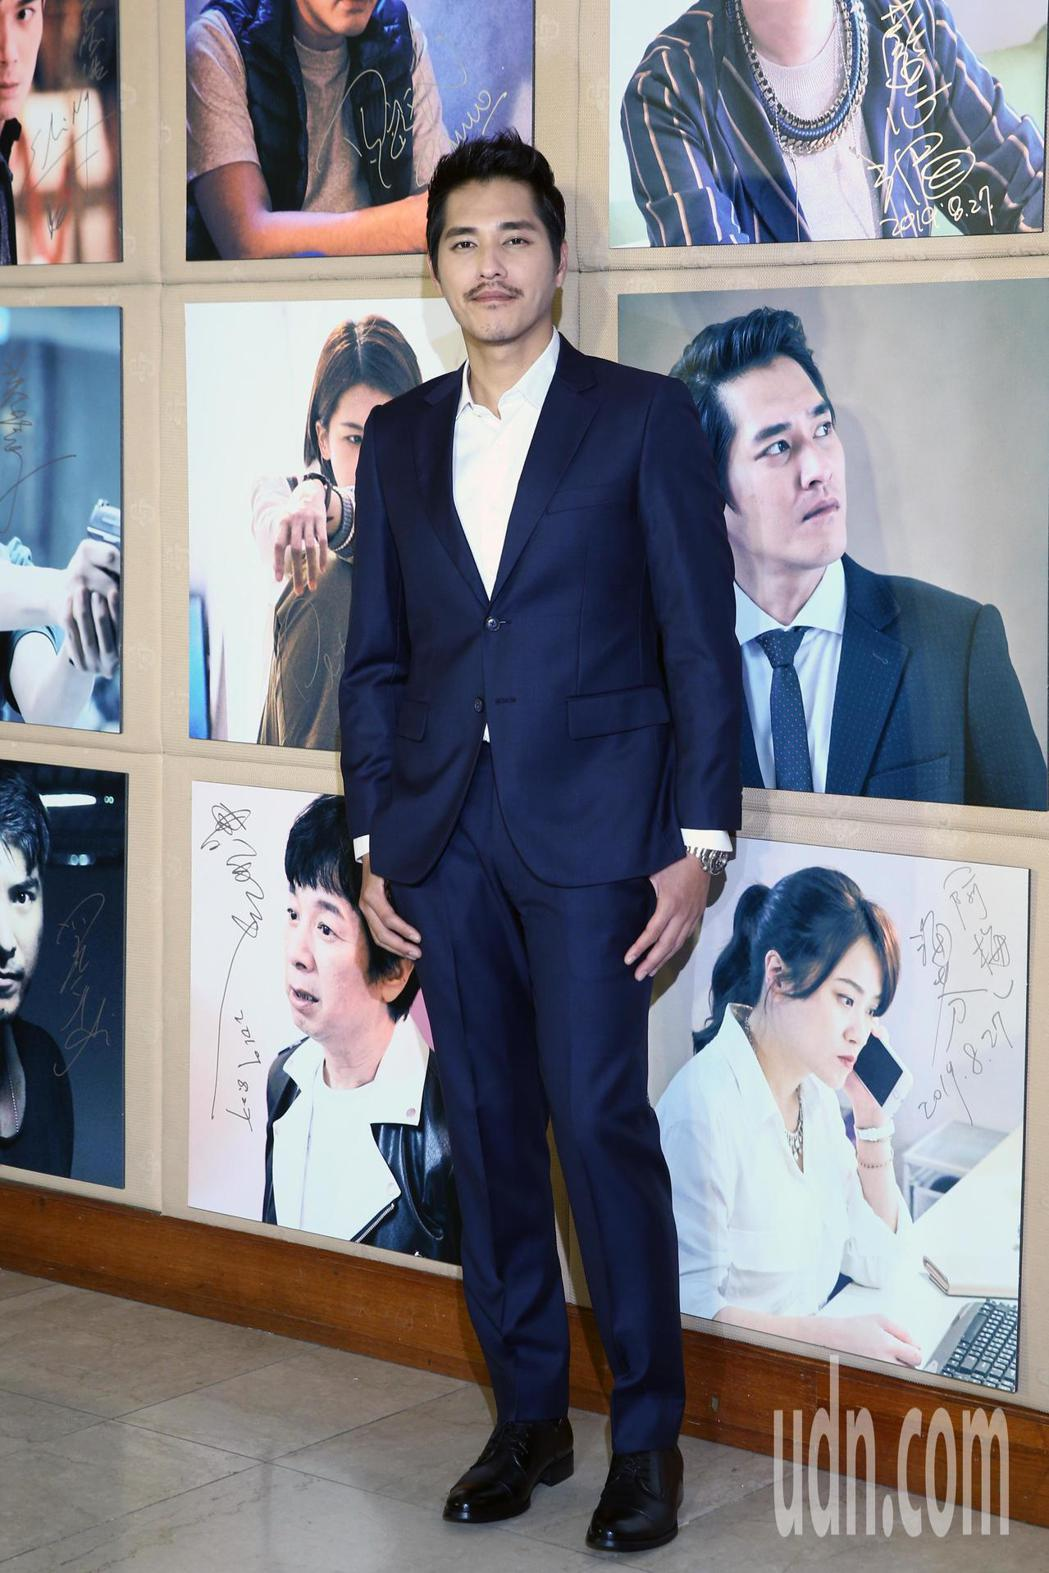 藍正龍(圖)昨天出席台視、八大新戲《你那邊怎樣‧我這邊ok》首映記者會,神救援二...